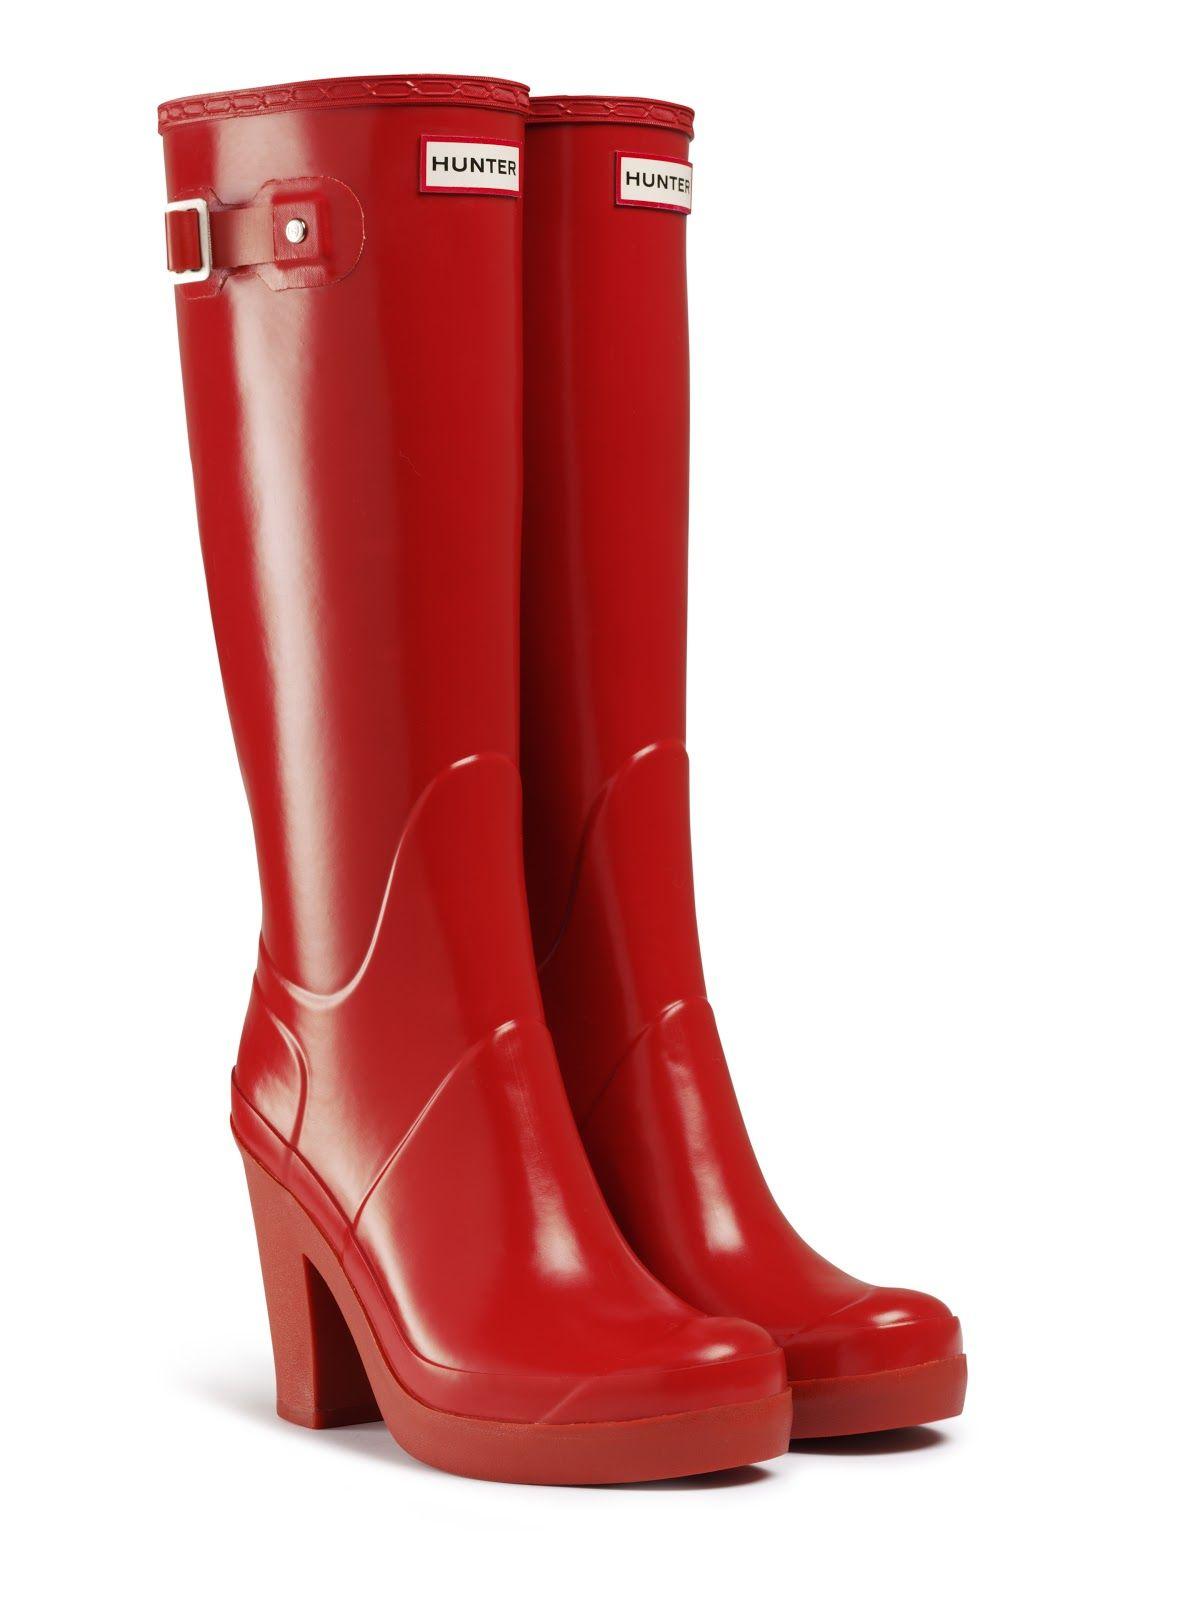 Un buen día para disfrutarlar :) Hunter boots con tacón